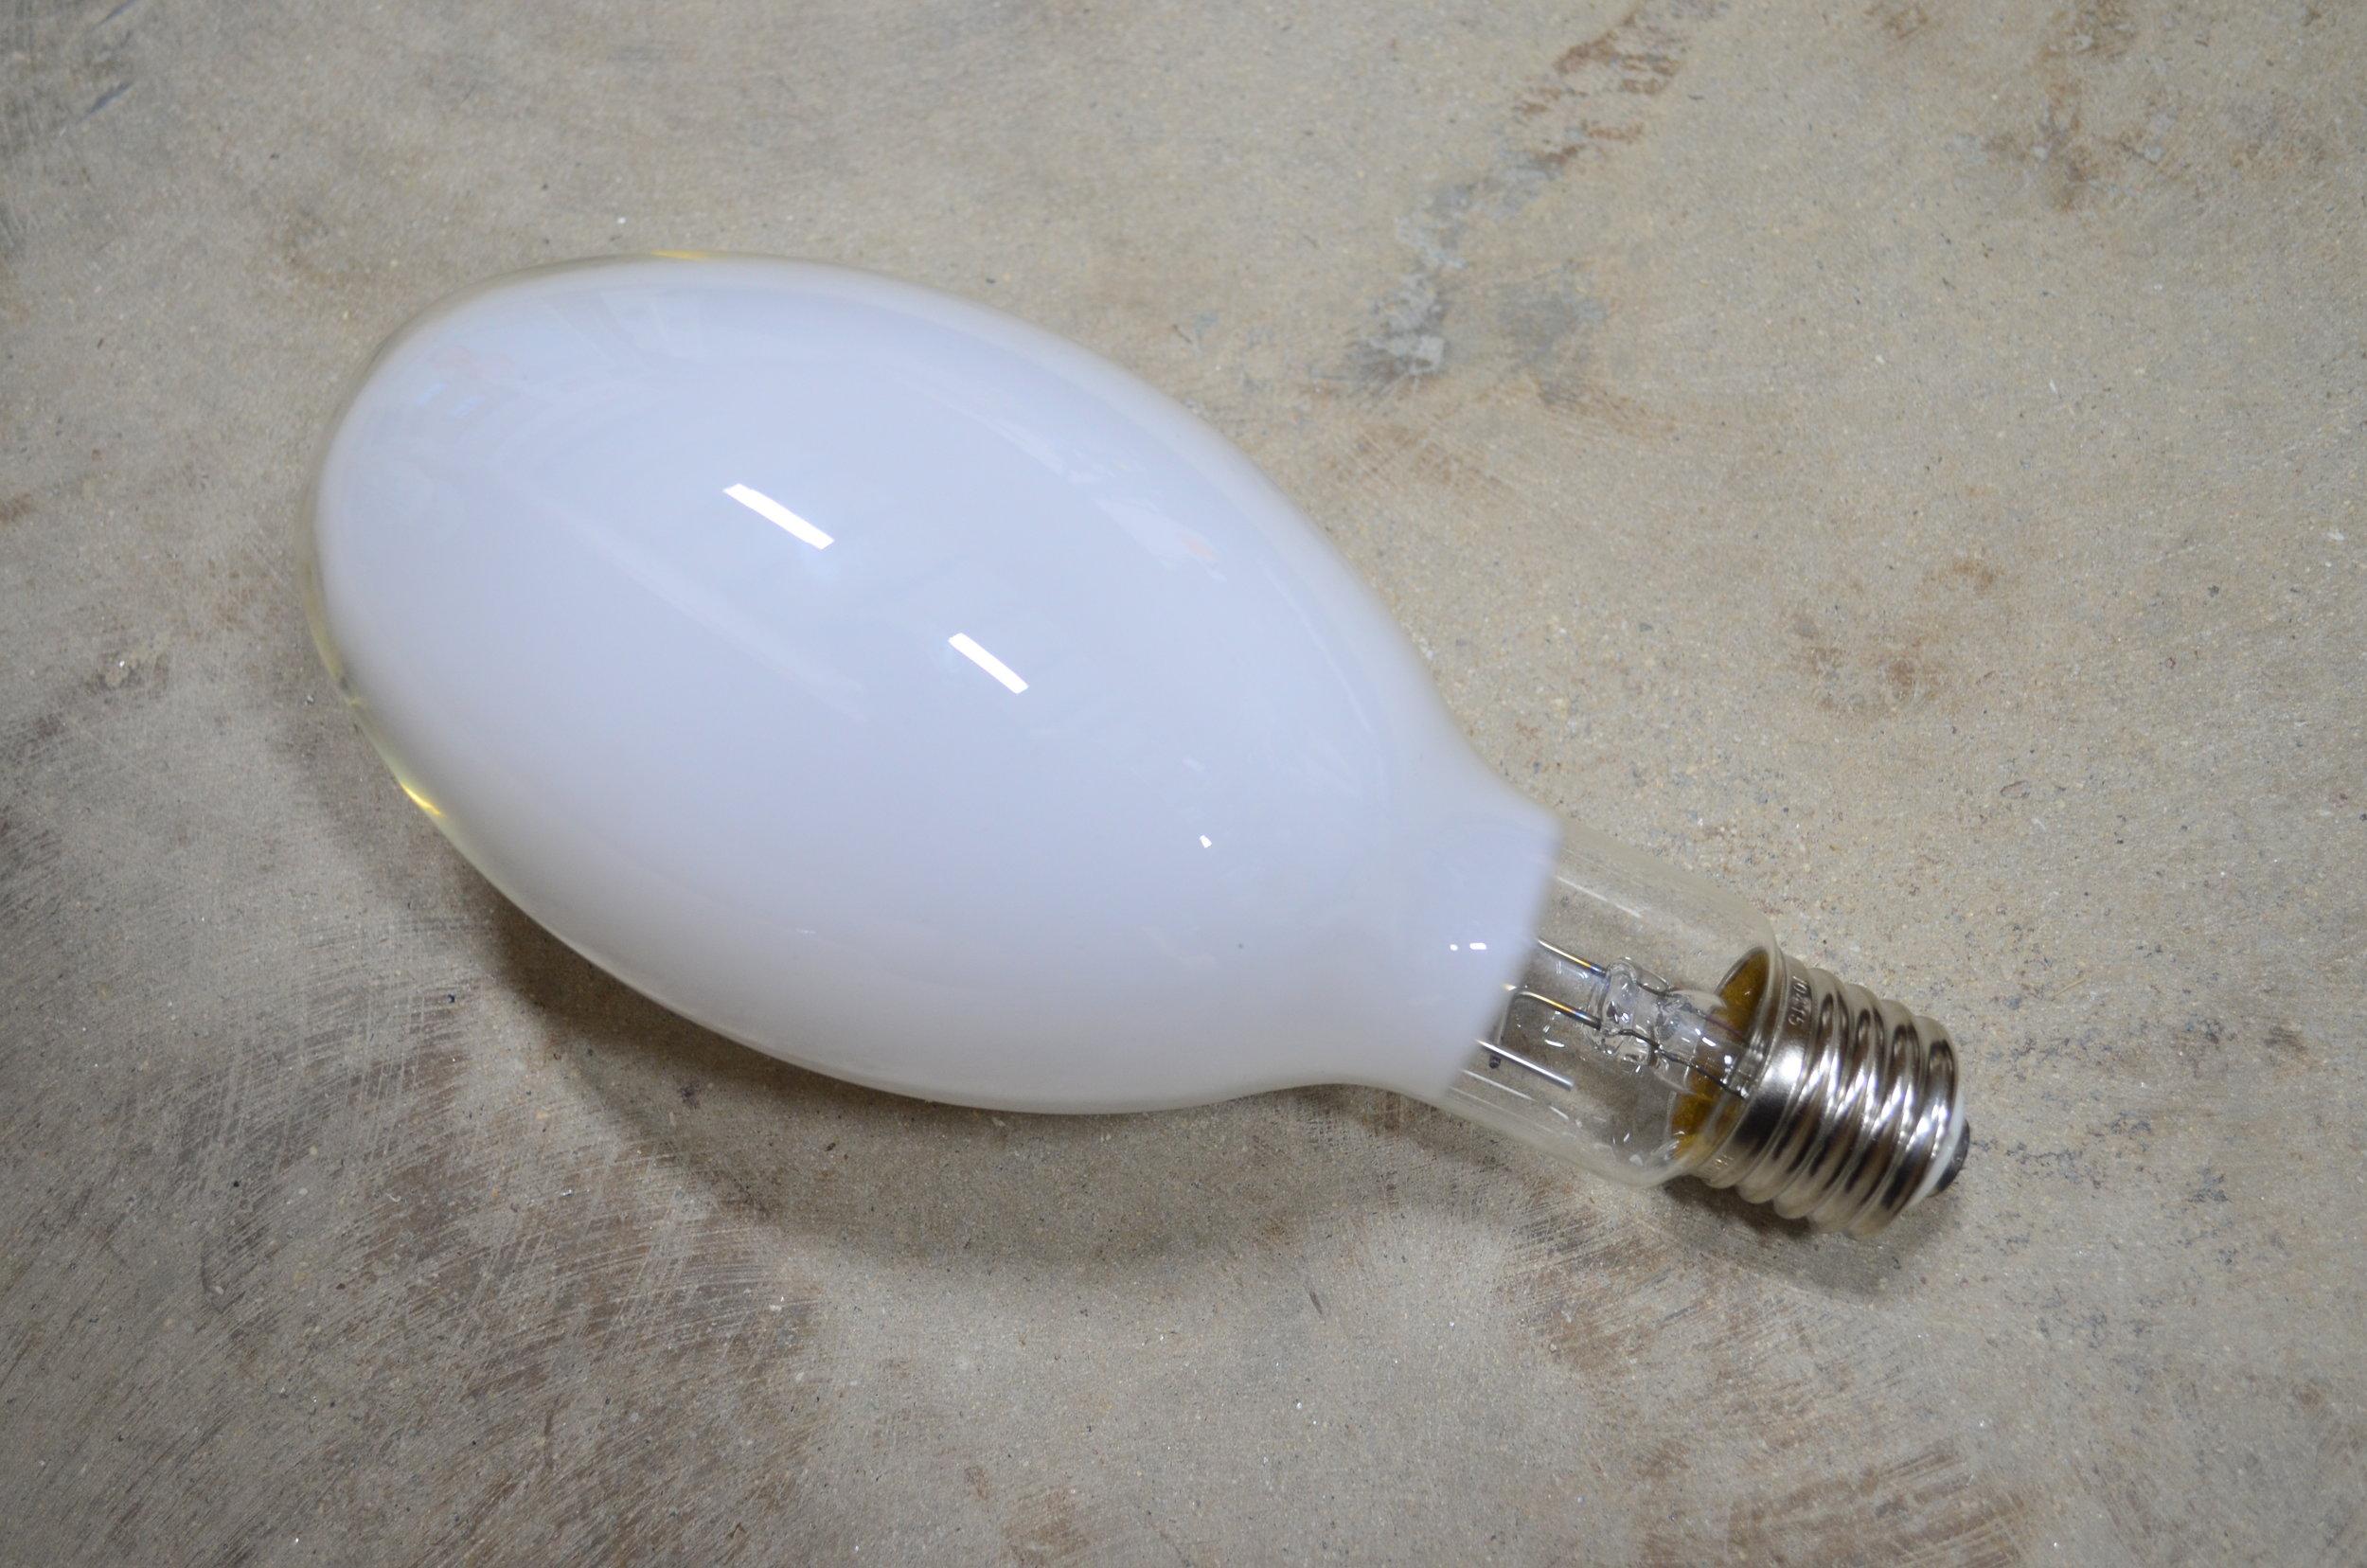 400w MV - H33 Lamp